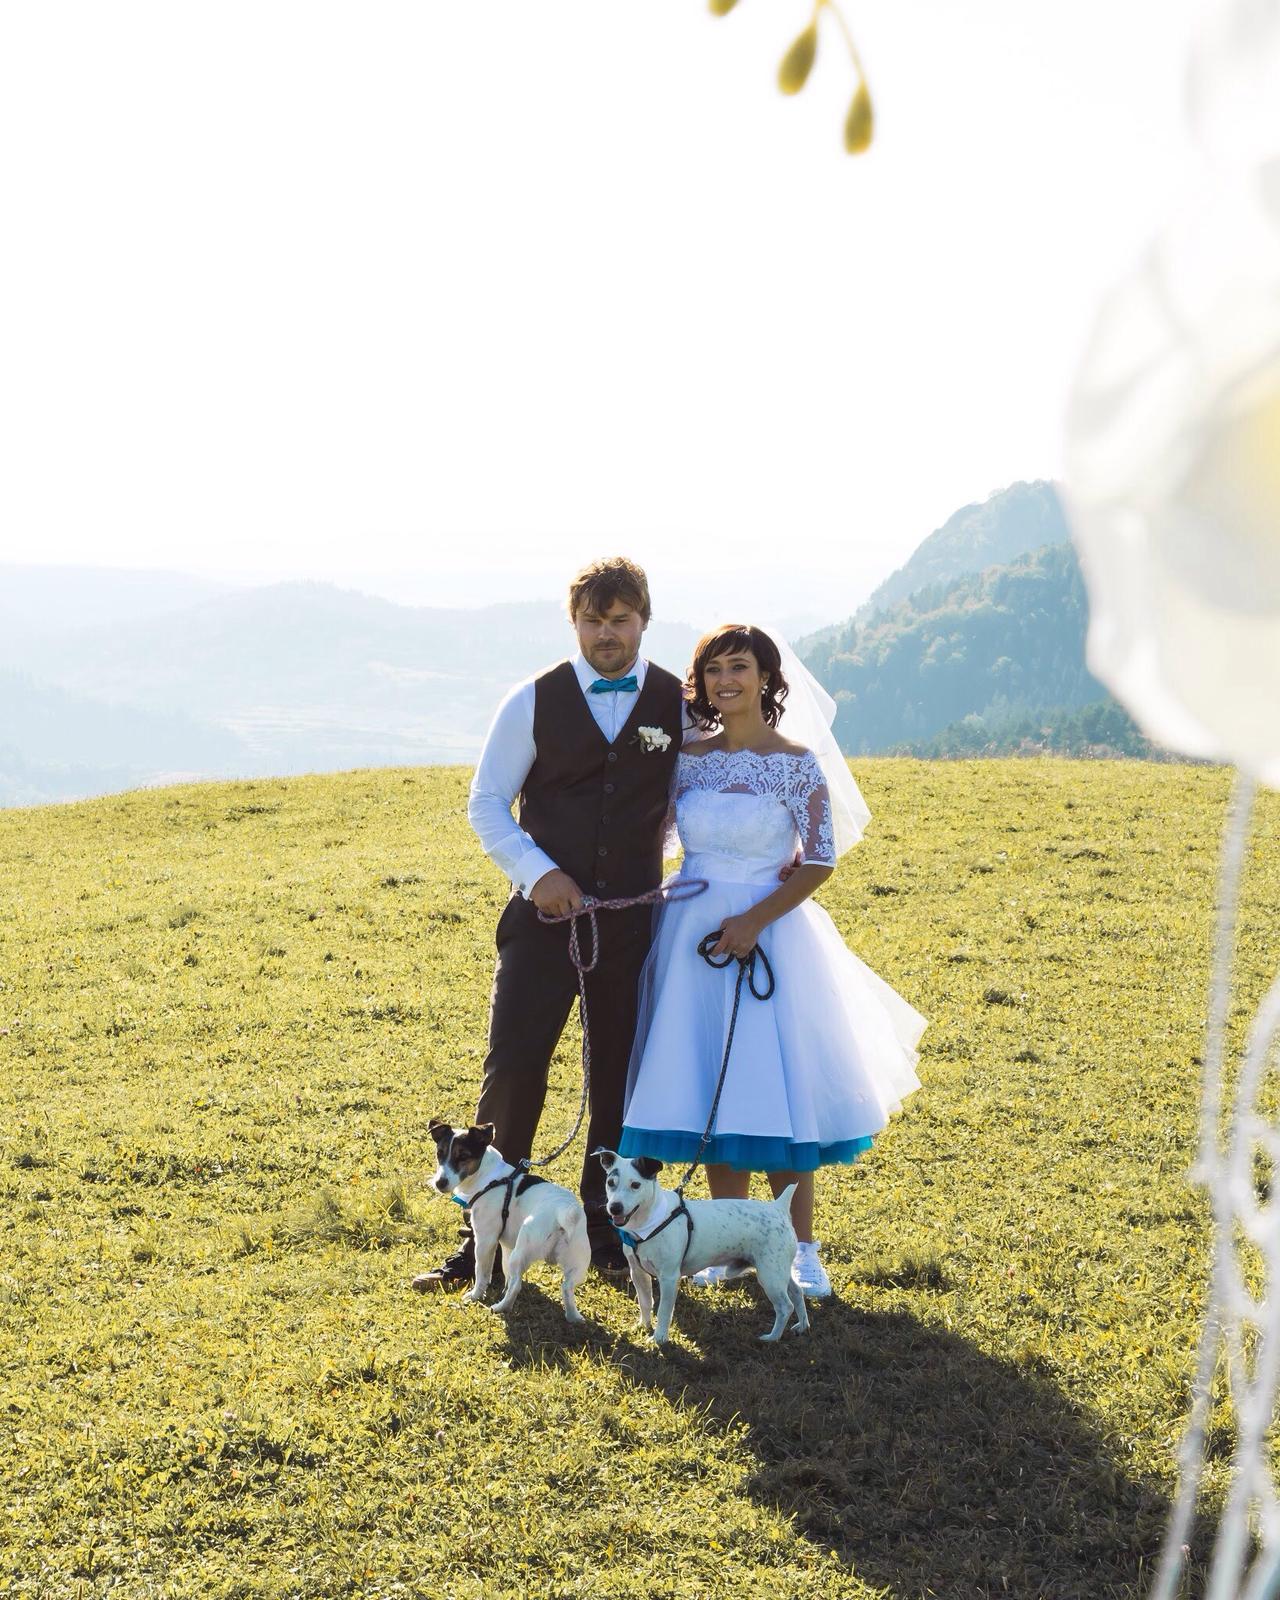 peter_a_lucia - Krátke svadobné šaty s farebnou spodnicou, závoj, hnedé nohavice a vesta, motýliky